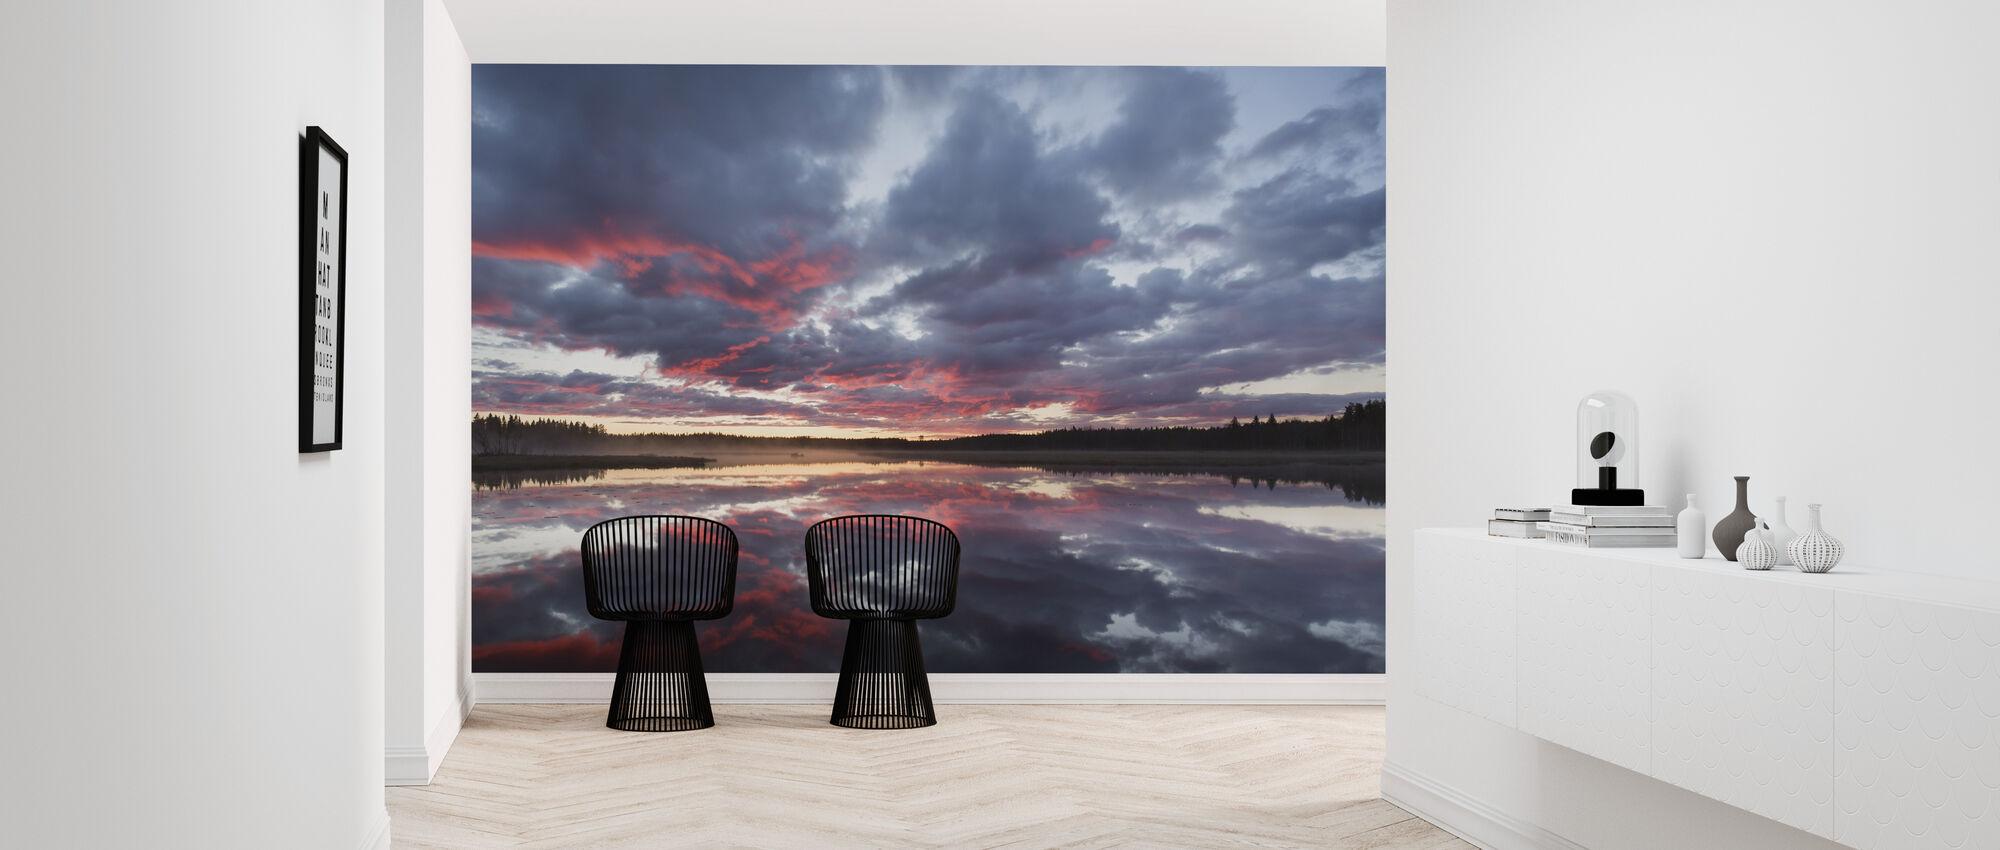 Nydalasjön, Västerbotten - Wallpaper - Hallway